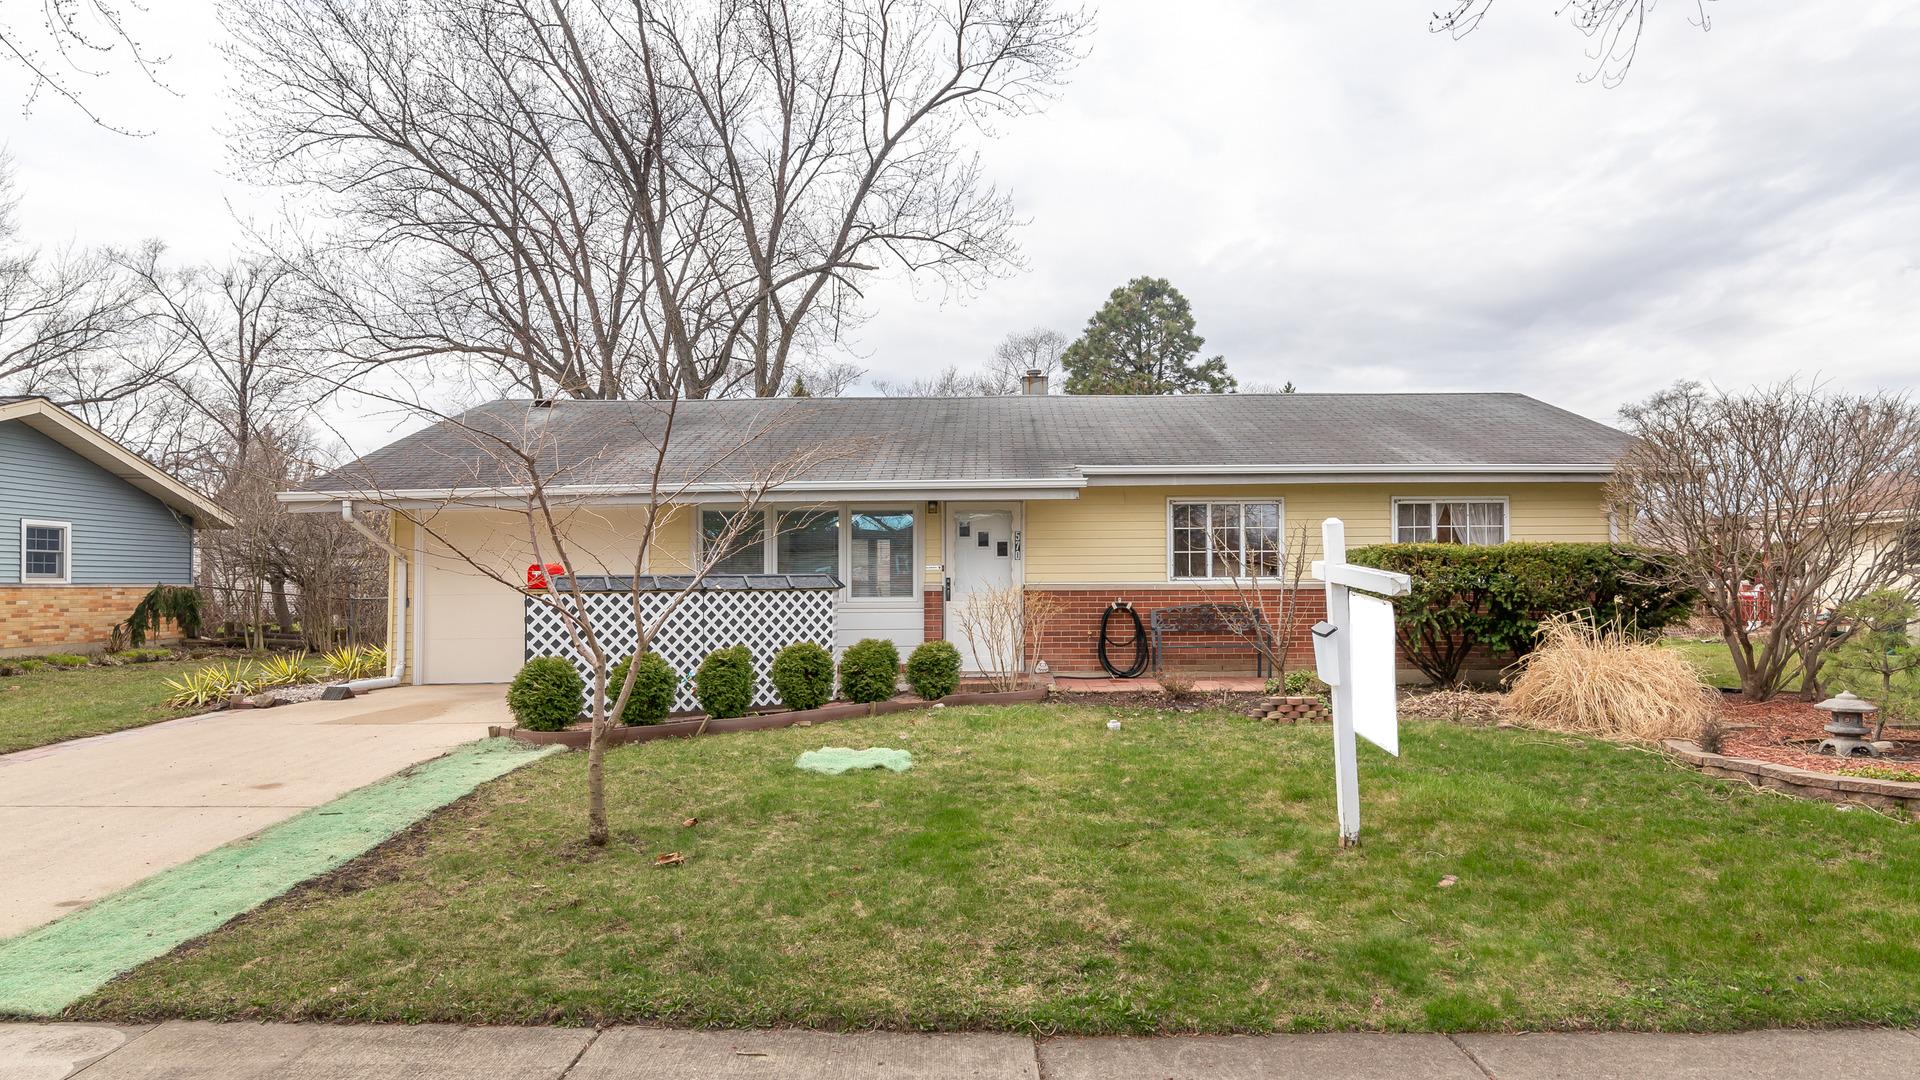 570 Morton ,Hoffman Estates, Illinois 60169